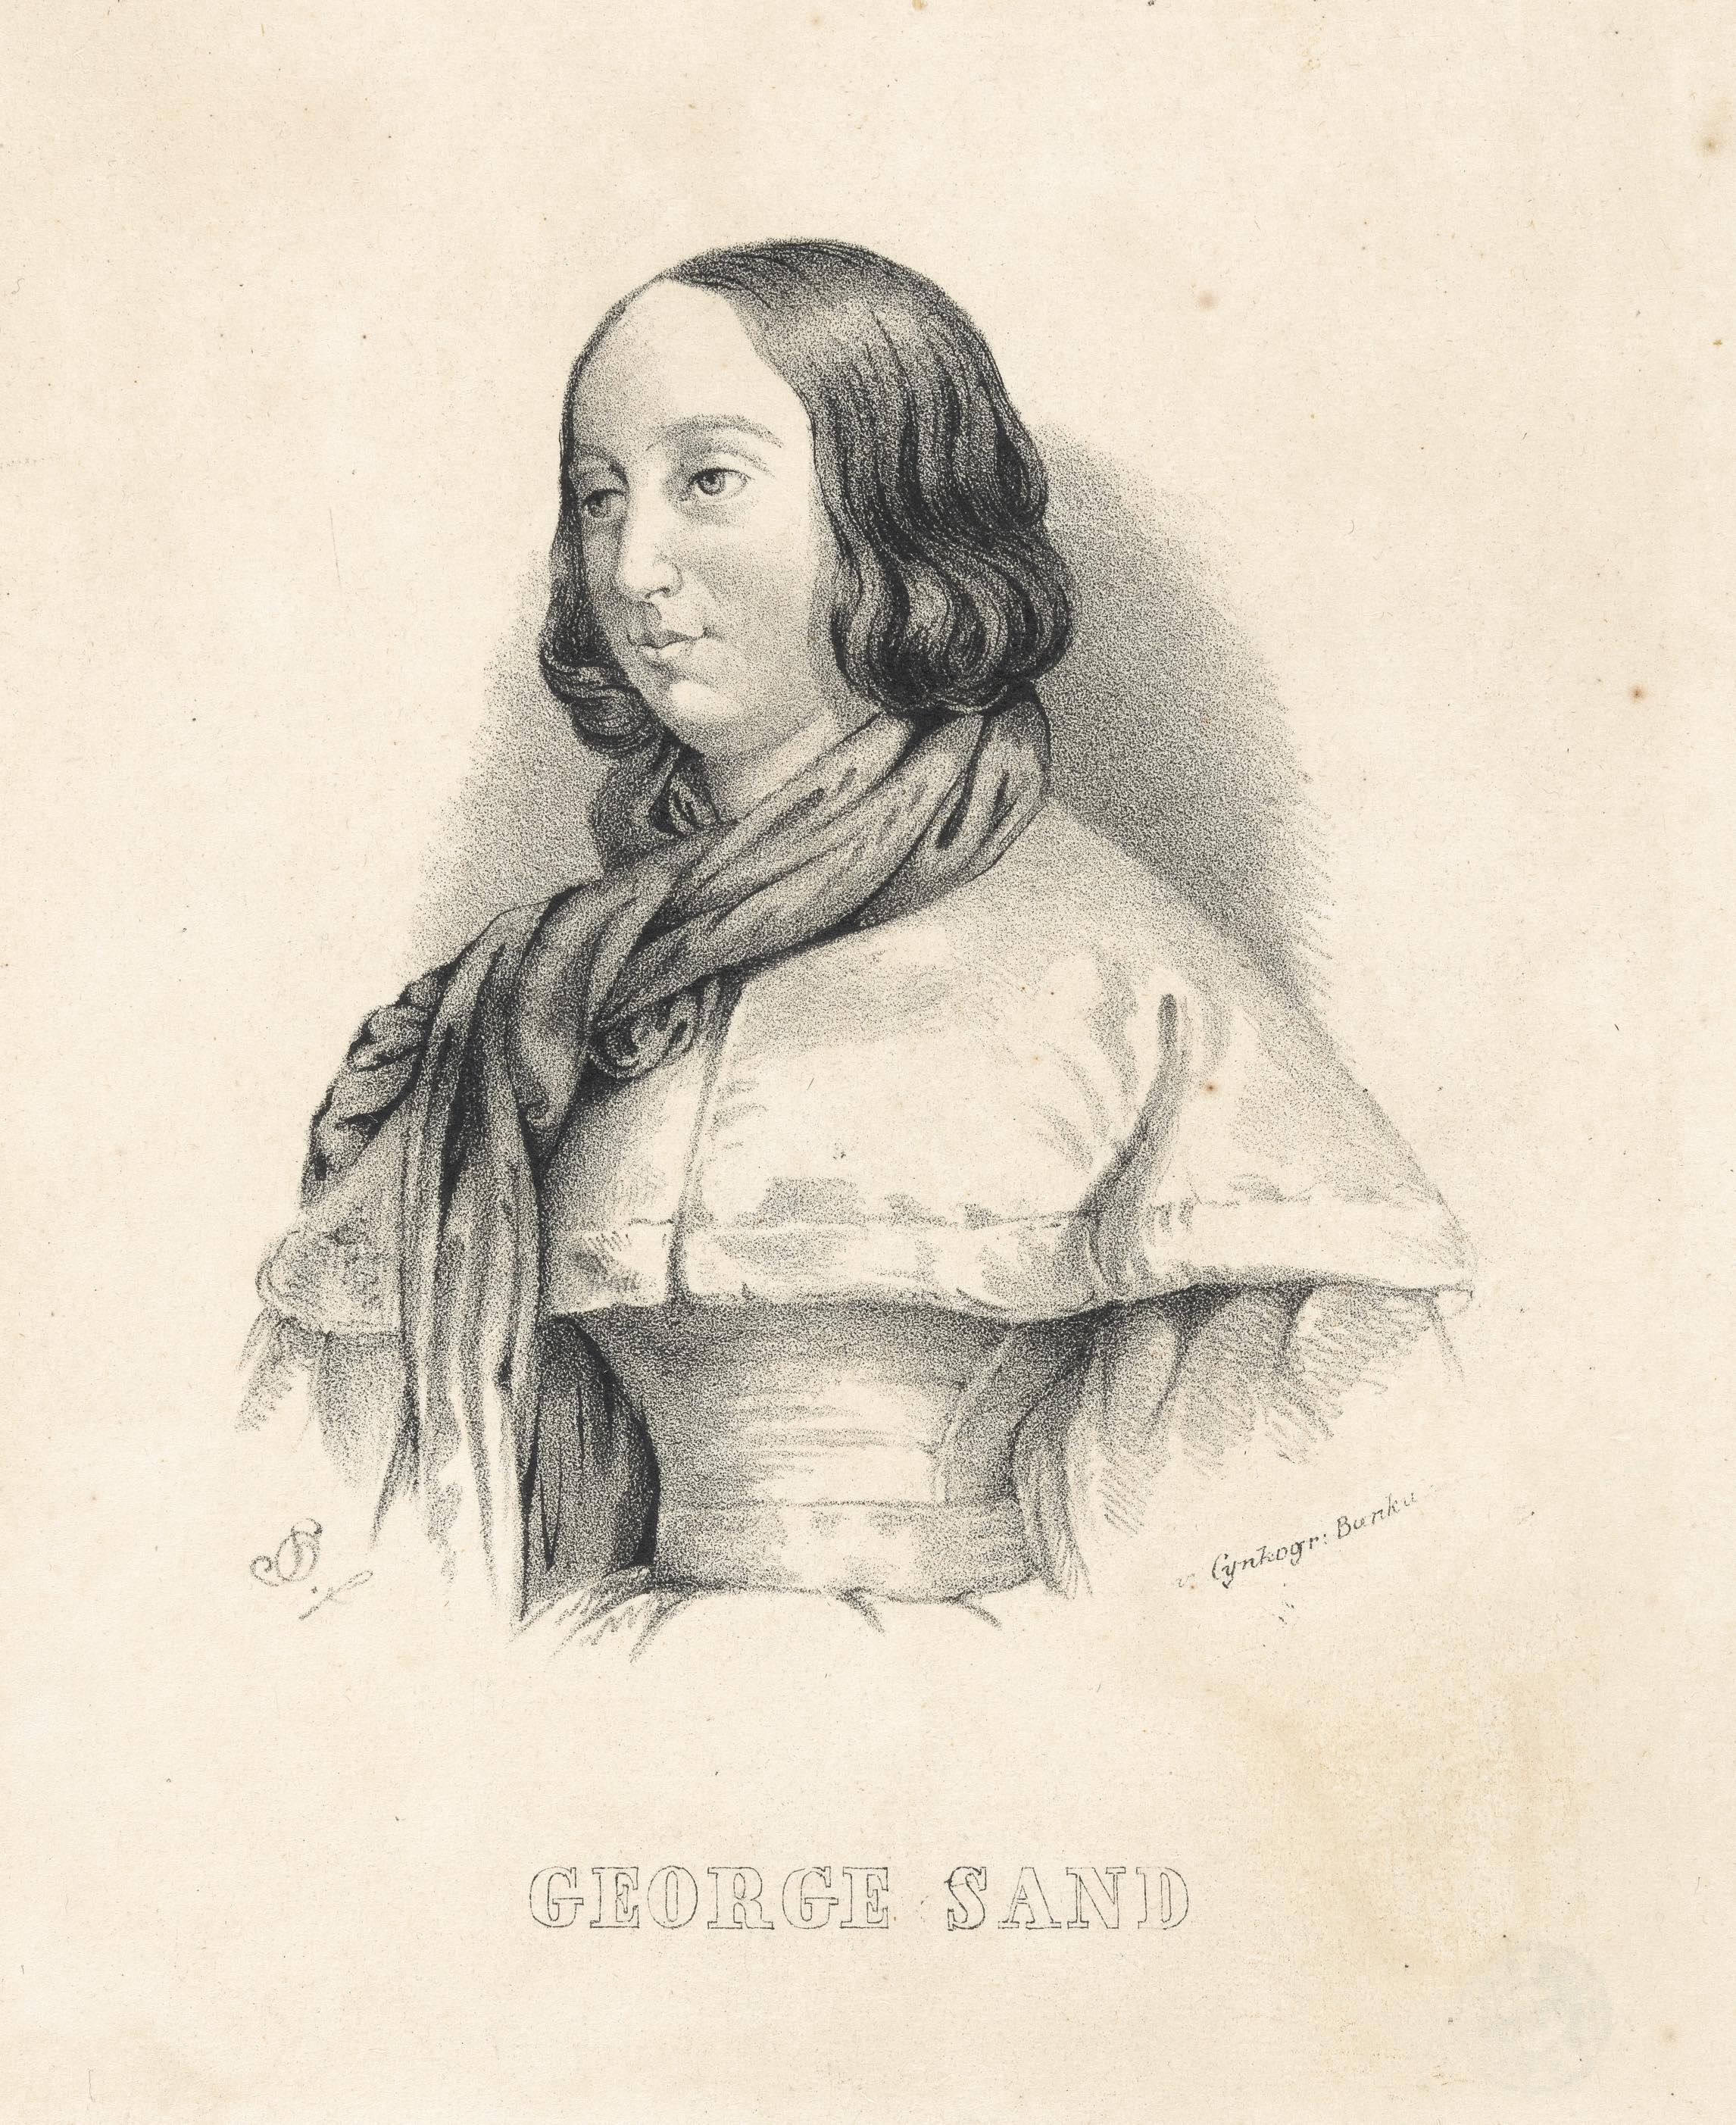 オレシュチンスキ《ジョルジュ・サンドの肖像》1850年頃 NIFC